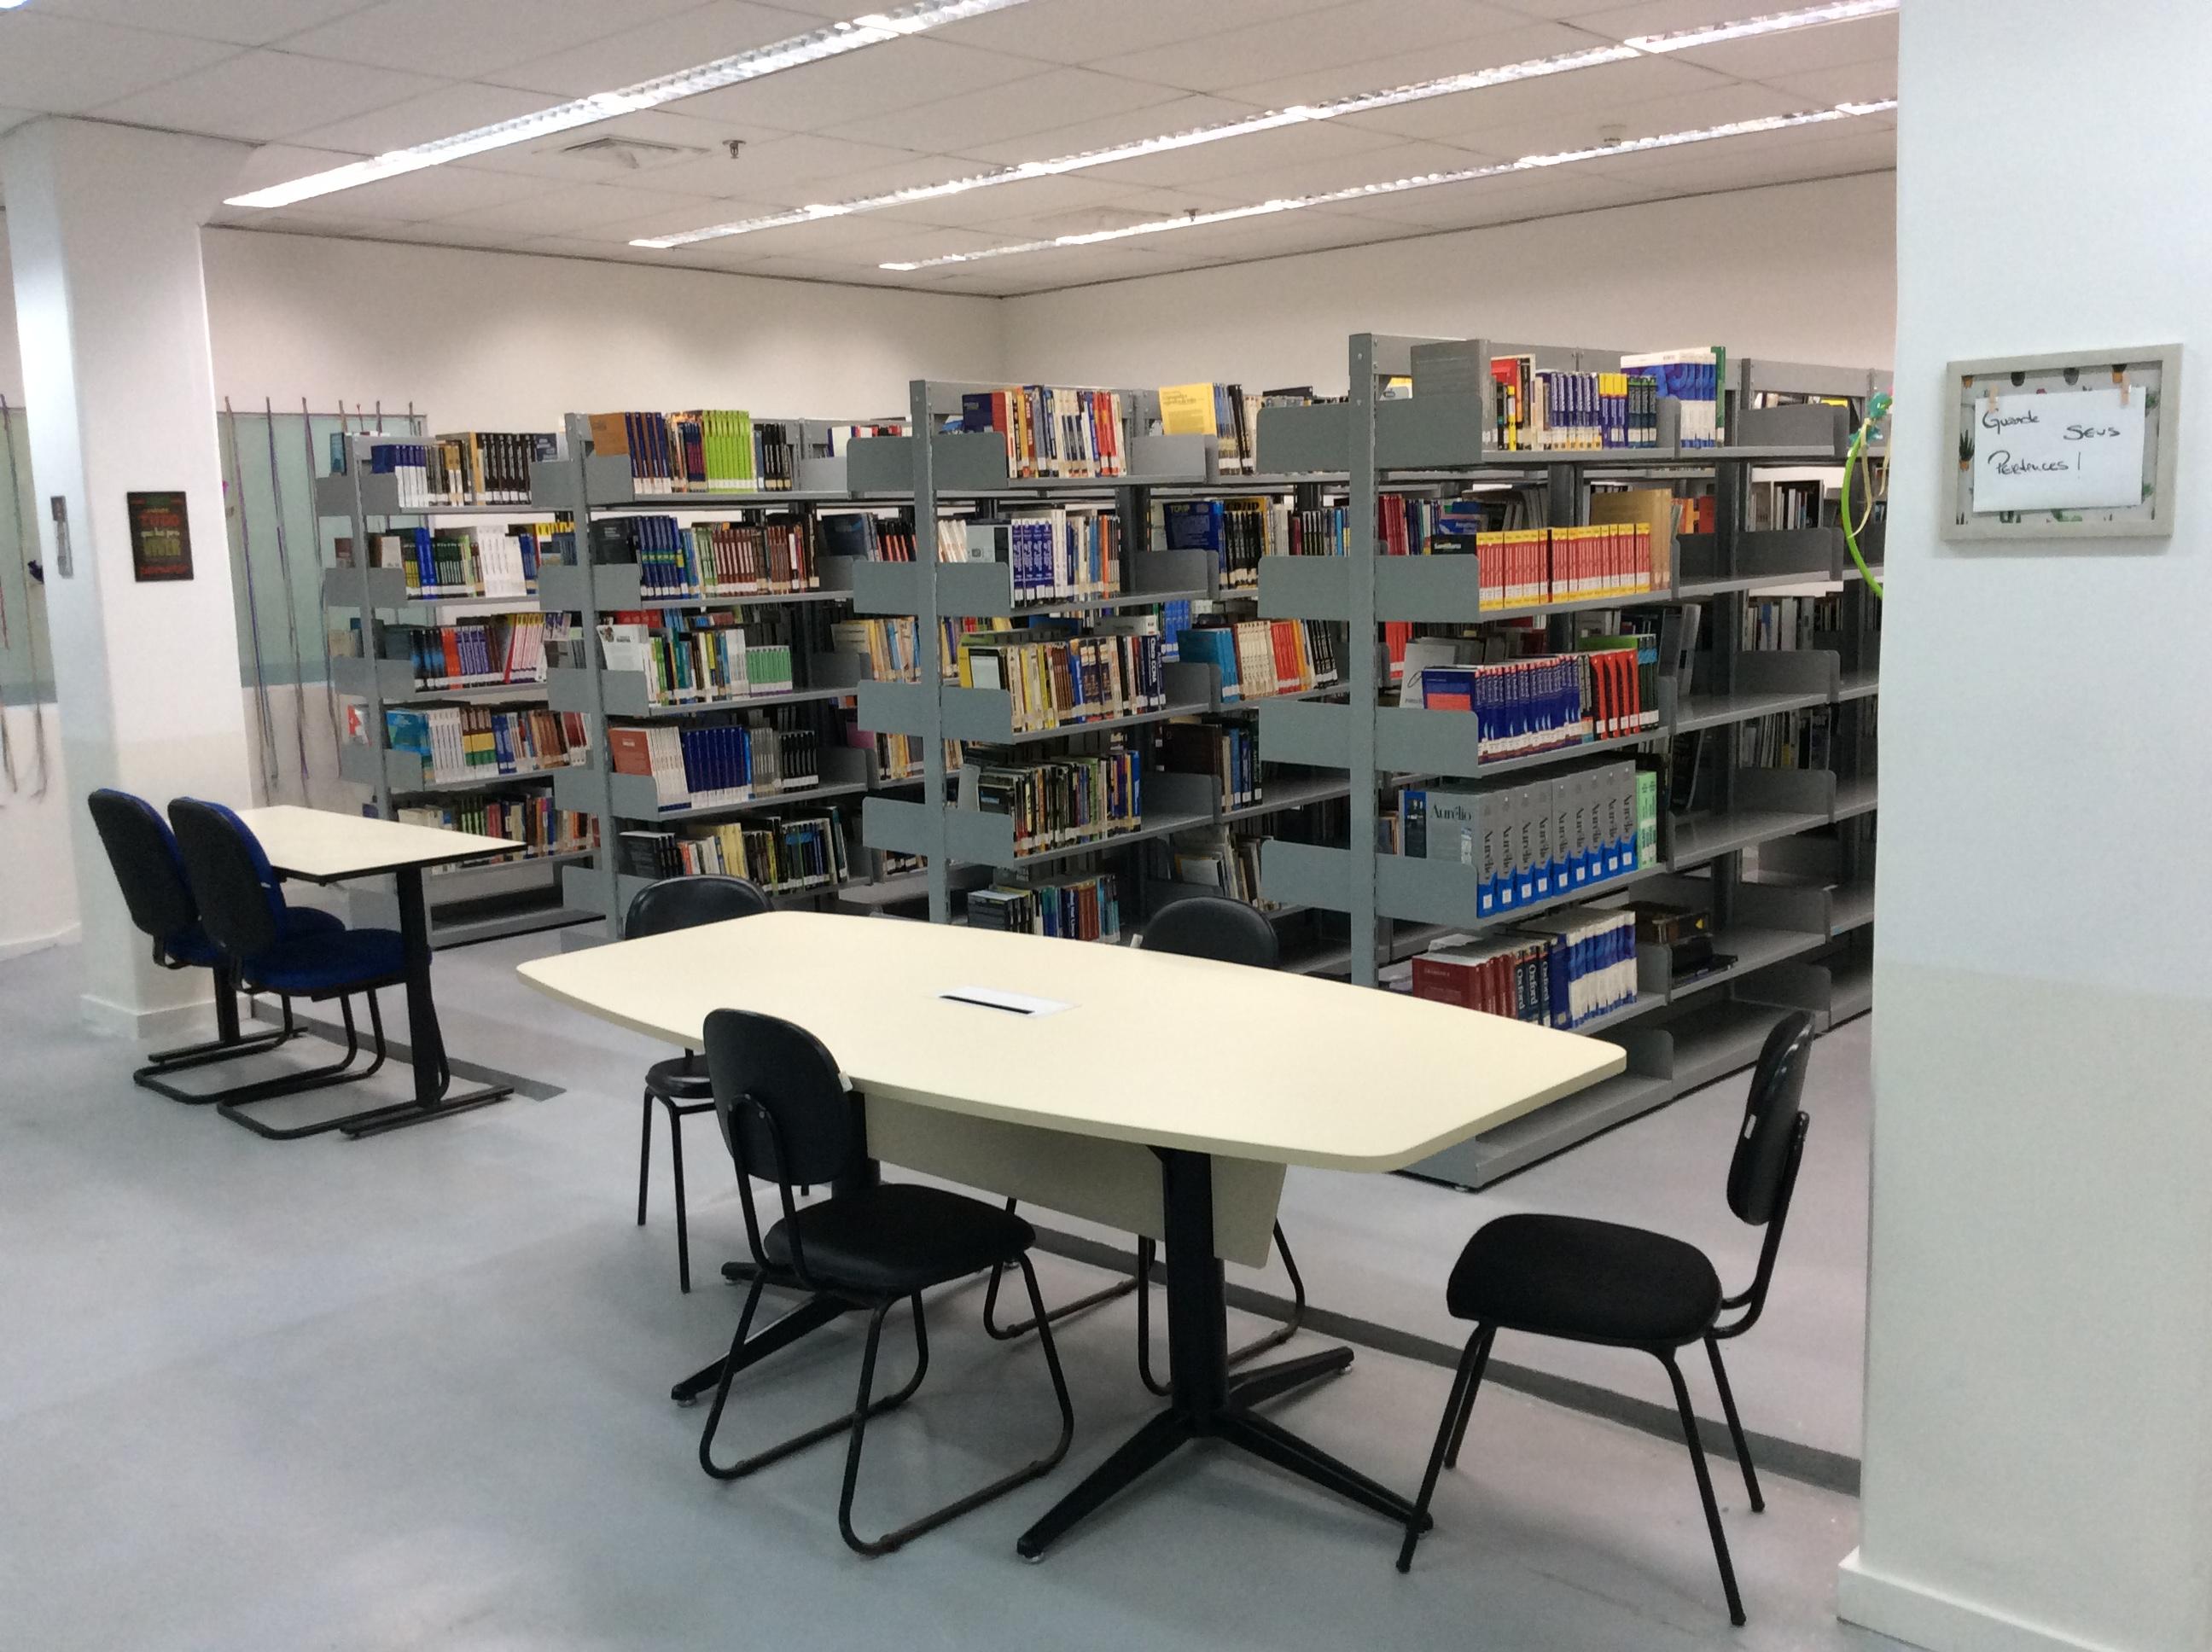 Sala do CPD - Central de Processamento de Dados